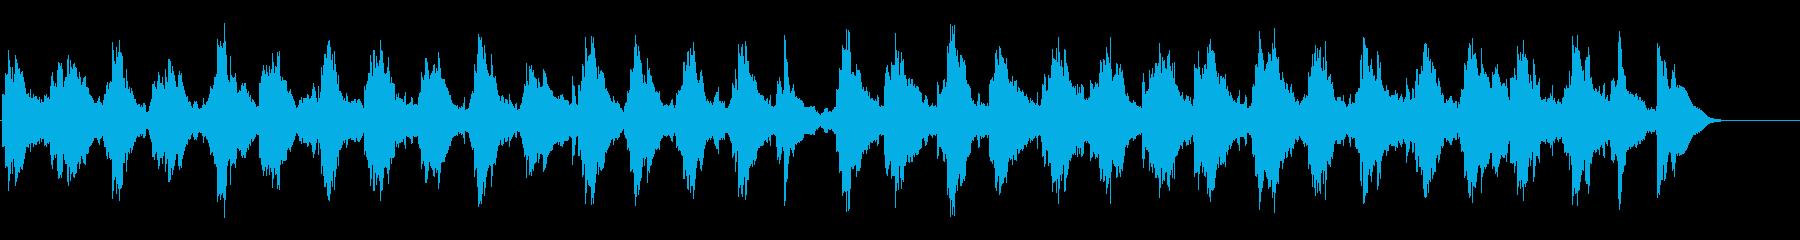 穏やかに虚しい雰囲気のBGMの再生済みの波形